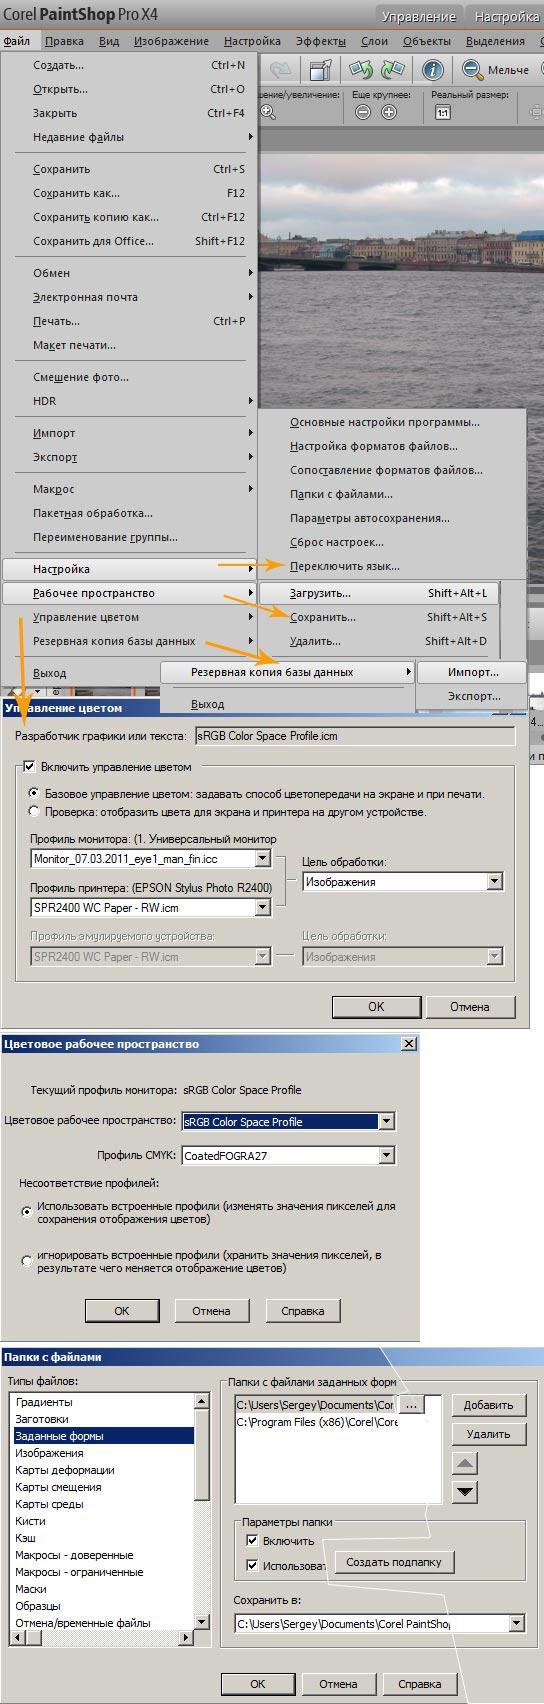 Сохранение файла в CorelDRAW X5; как сохранить